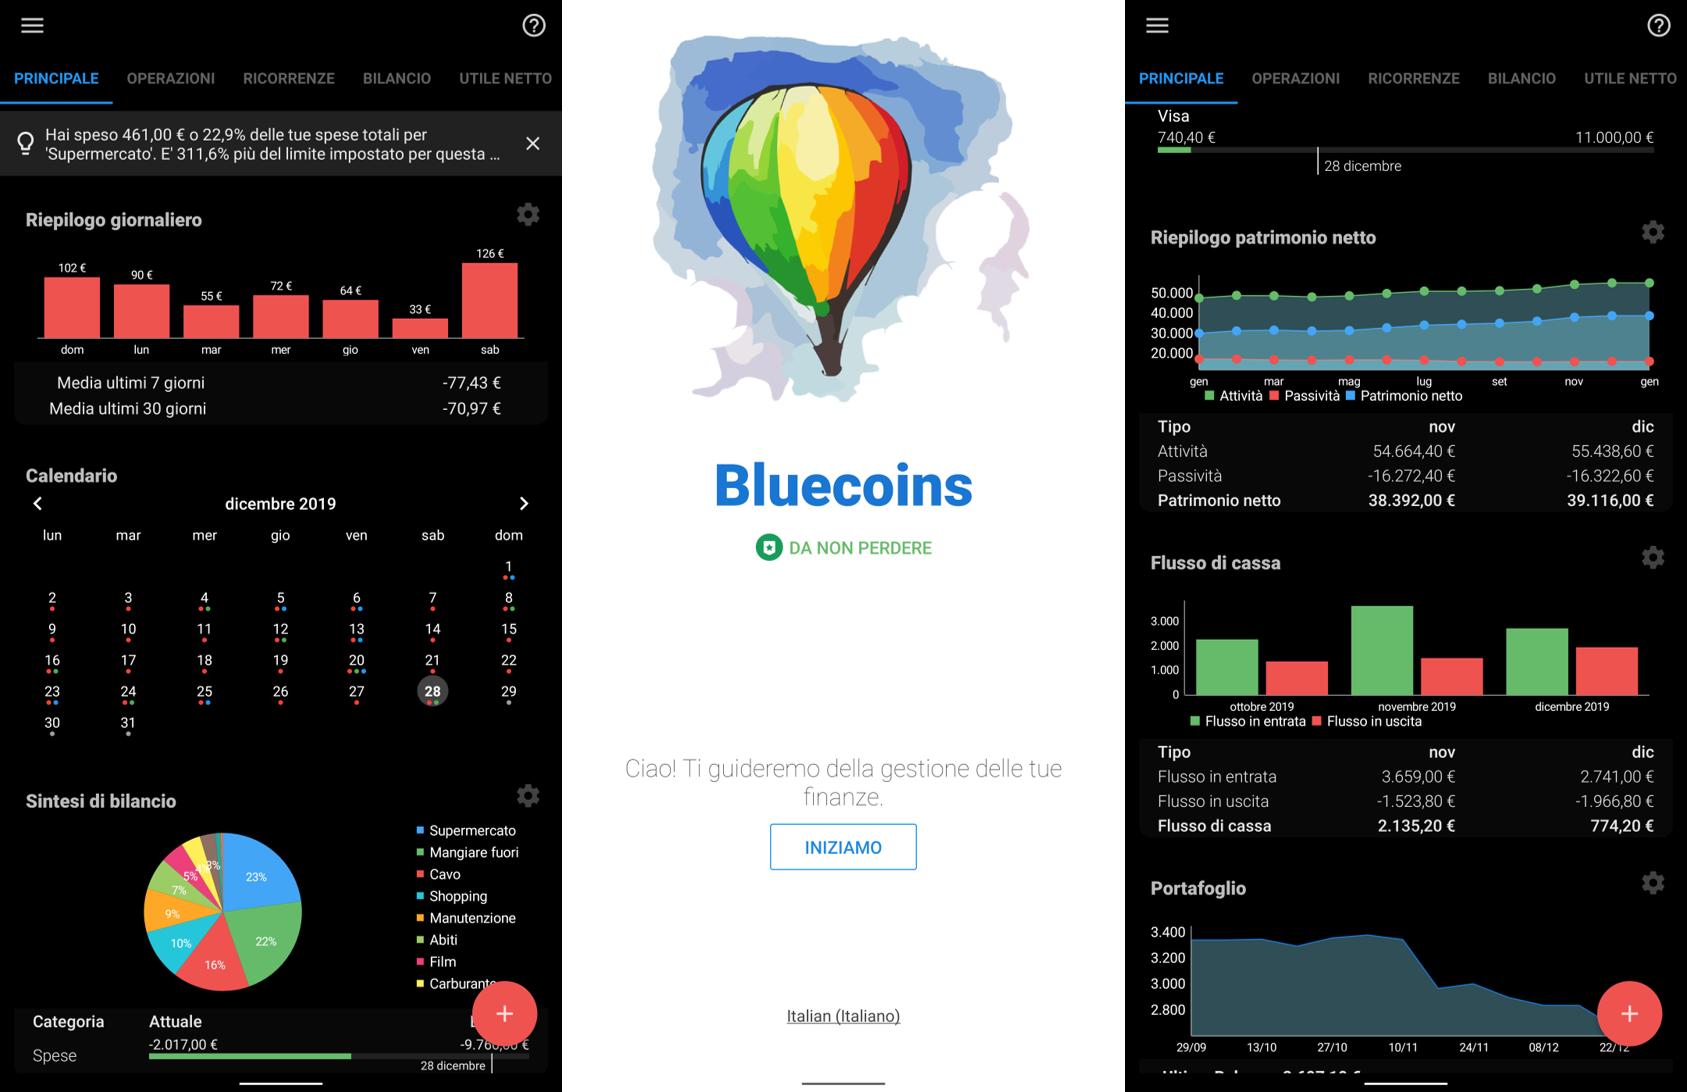 Bluecoins è la risposta a come gestire le vostre finanze e pianificare le spese, tutto in un solo posto (foto)